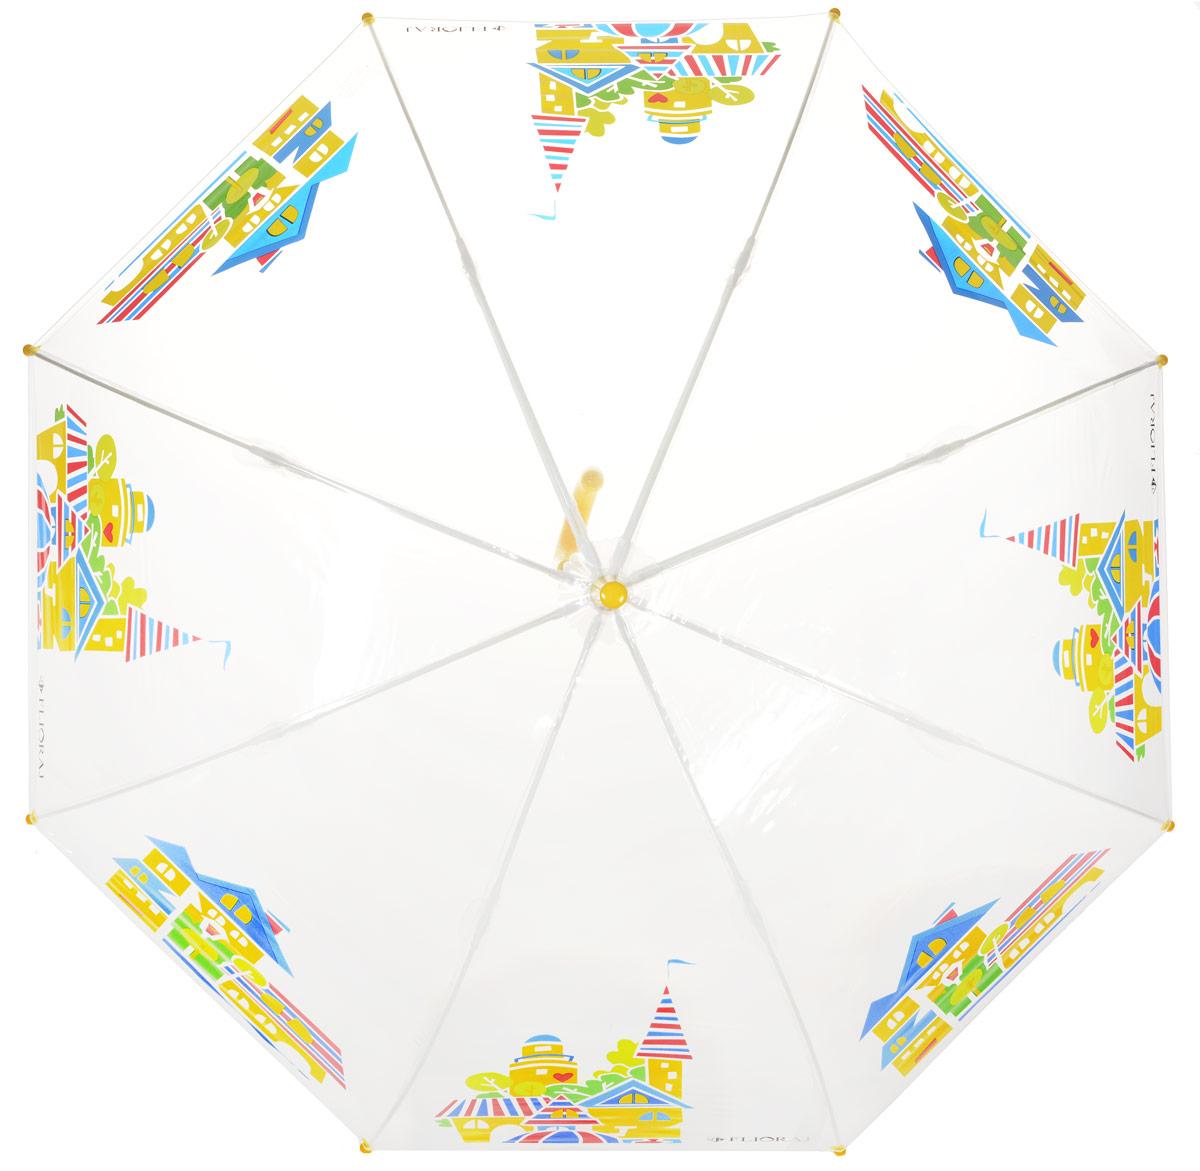 Зонт-трость детский Flioraj, механика, цвет: прозрачный, мультиколор. 051208051208 FJОригинальный и практичный детский зонт-трость Flioraj будет отличным подарком для вашего ребенка. Зонт состоит из восьми спиц и стержня выполненных из прочного, но легкого фибергласса. Купол выполнен из качественного ПВХ, который не пропускает воду и оформлен красочным рисунком. Зонт дополнен удобной пластиковой ручкой в виде крючка. Изделие имеет механический способ сложения: и купол, и стержень открываются и закрываются вручную до характерного щелчка. Зонт закрывается хлястиком на кнопку. Зонт имеет прозрачную текстуру, что позволяет ребенку видеть обстановку вокруг себя.